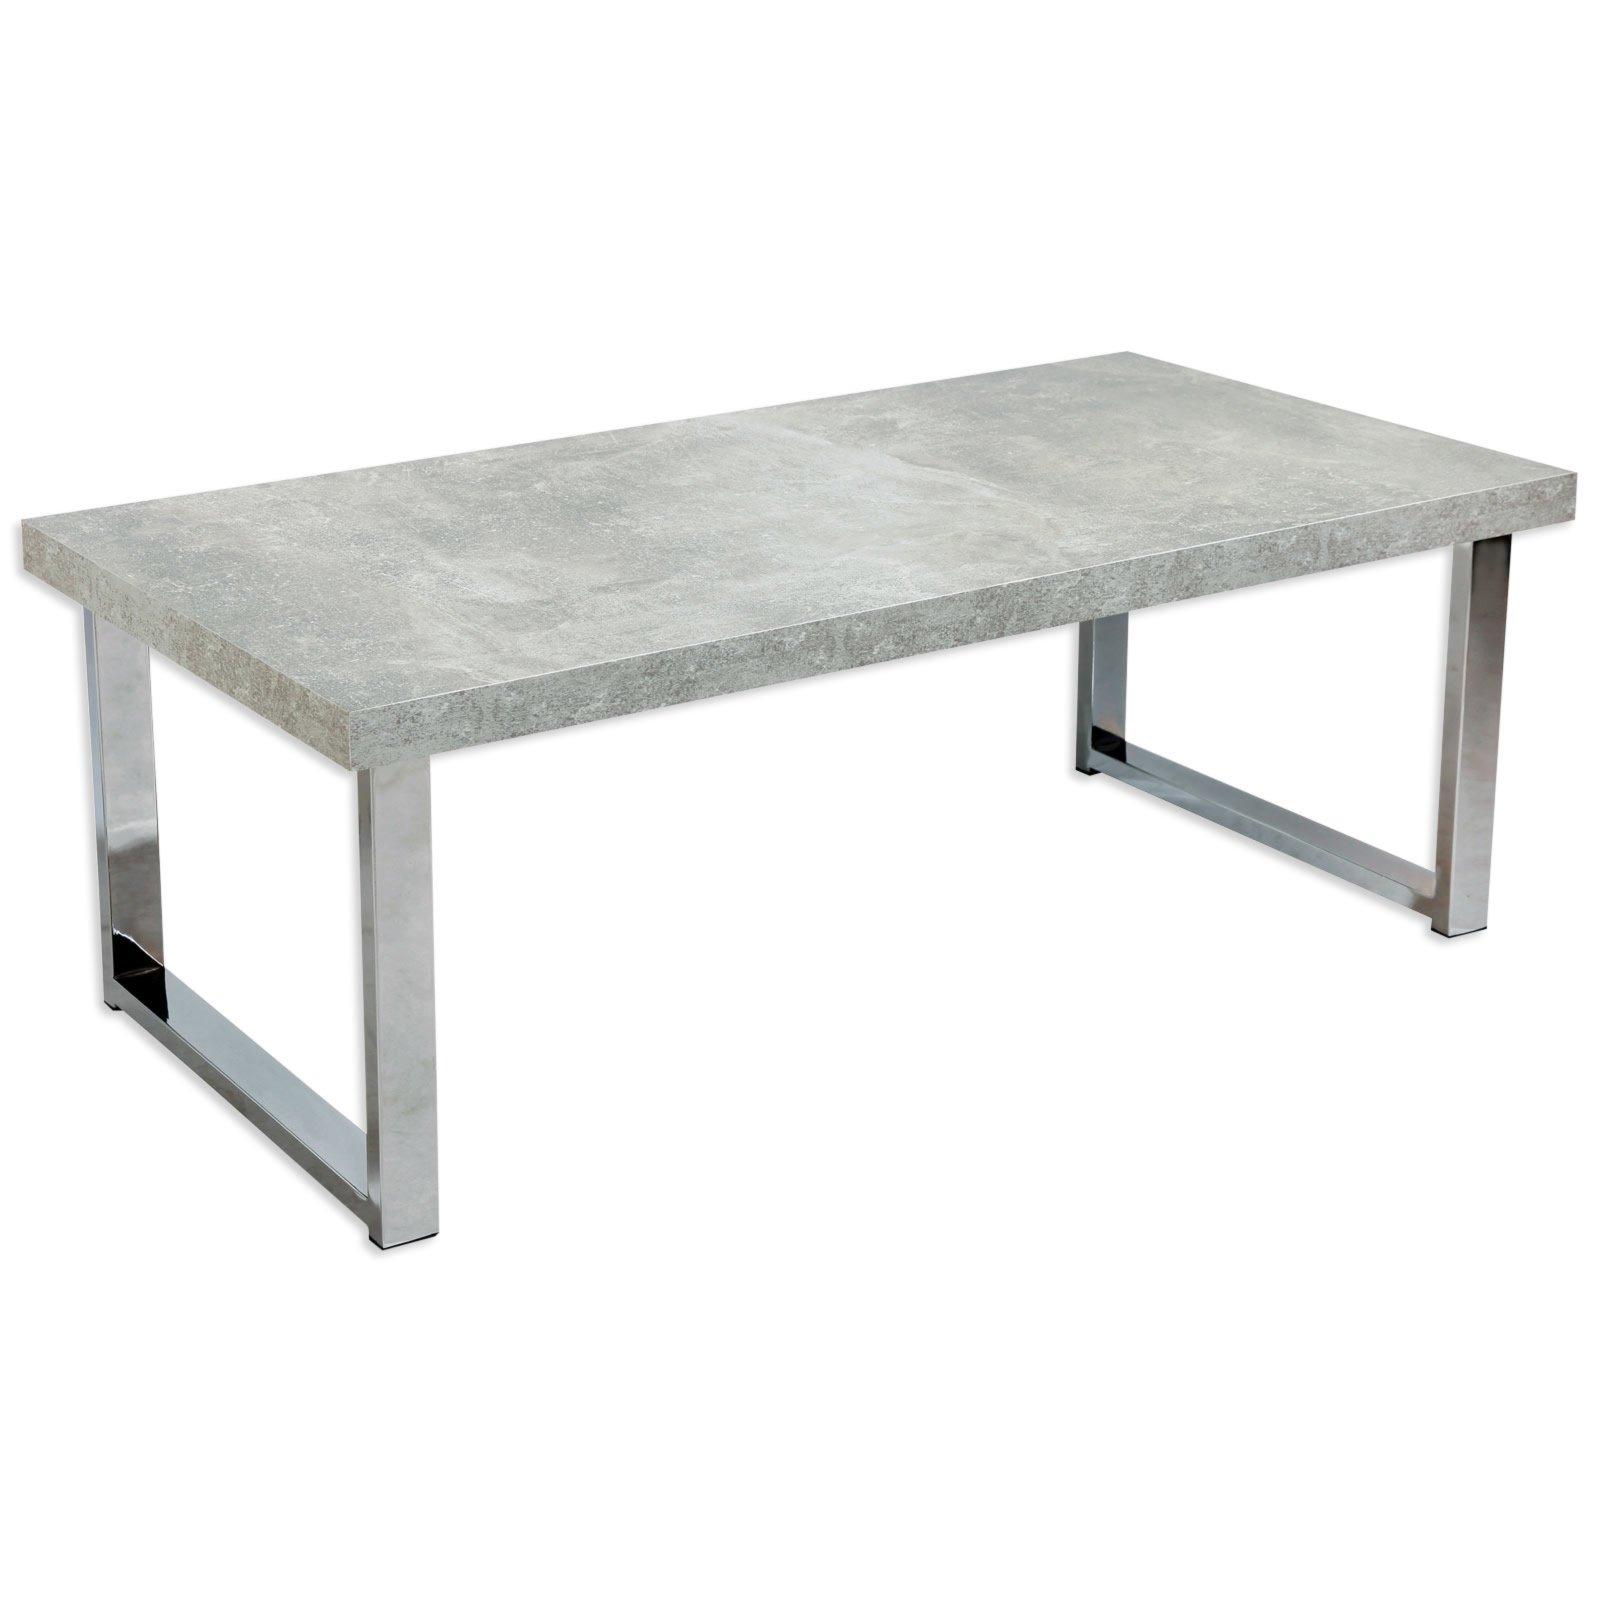 Couchtisch SIMON - Beton - 100 cm breit